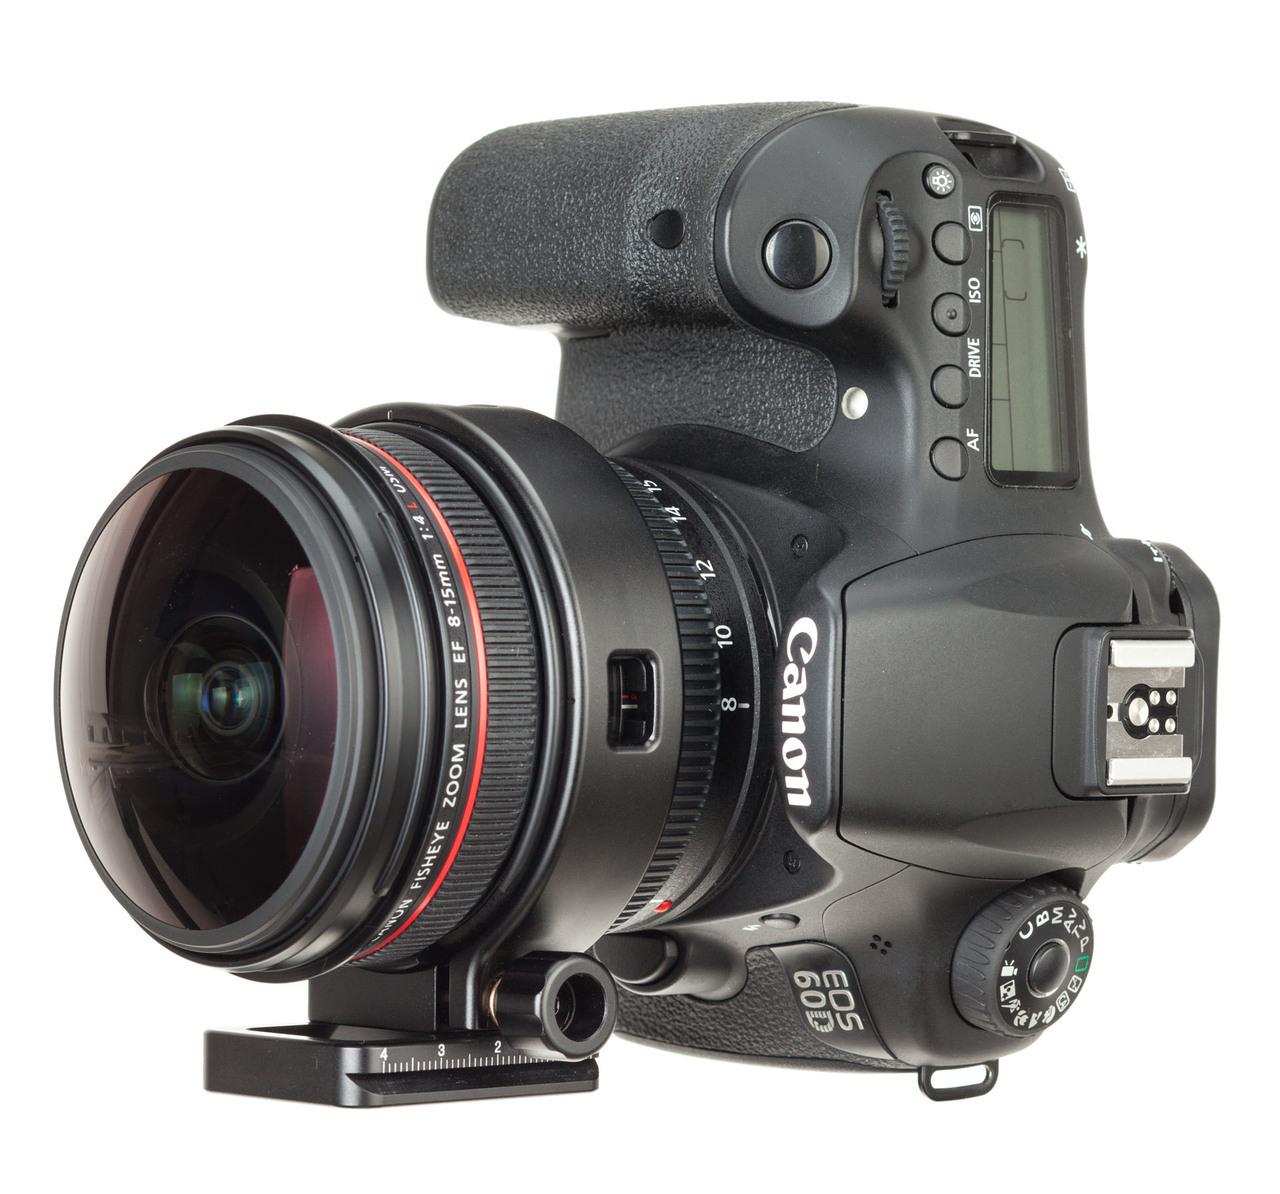 V2_LR_Canon_8_15mm_1__34996_1405460209_1280_1280.jpg